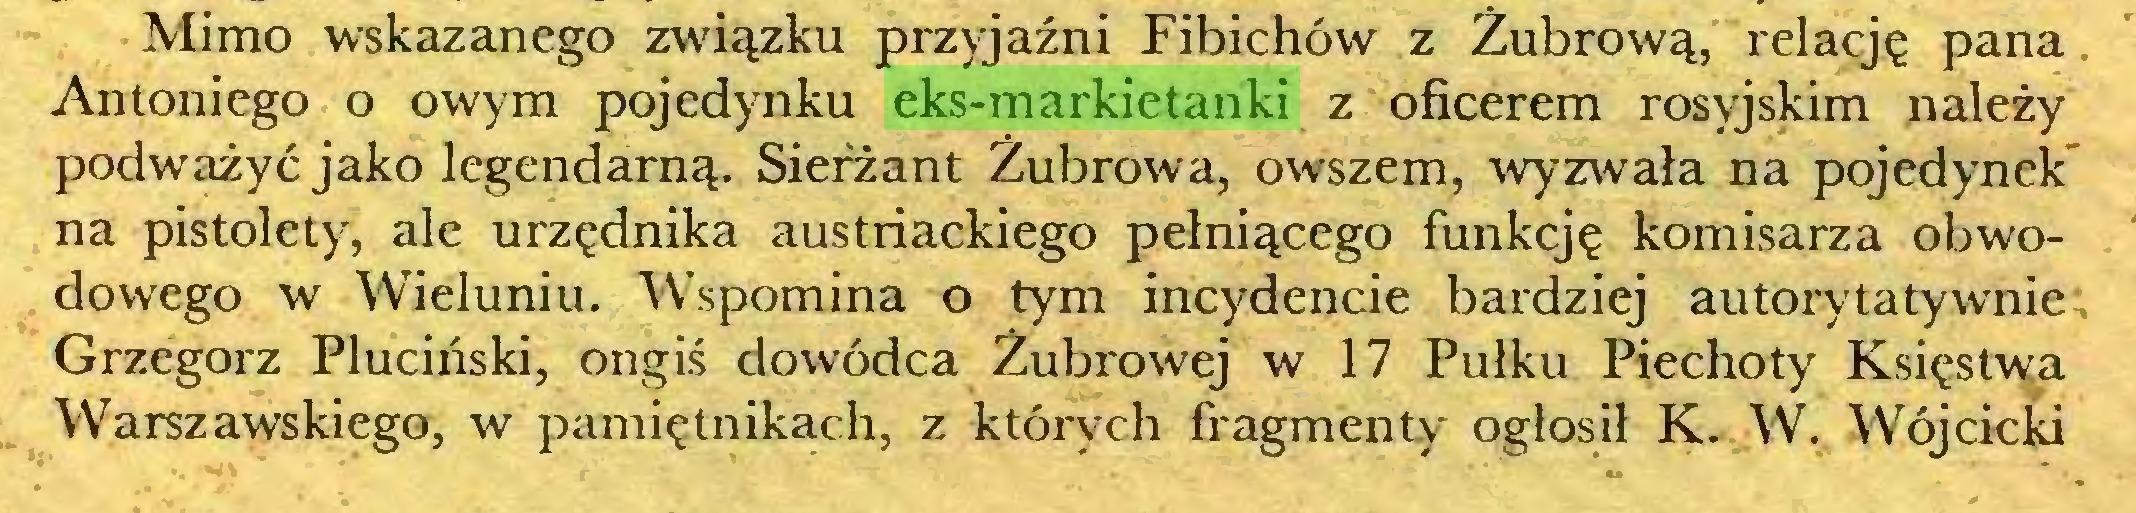 (...) Mimo wskazanego związku przyjaźni Fibichów z Żubrową, relację pana Antoniego o owym pojedynku eks-markietanki z oficerem rosyjskim należy podważyć jako legendarną. Sierżant Żubrowa, owszem, wyzwała na pojedynek na pistolety, ale urzędnika austriackiego pełniącego funkcję komisarza obwodowego w Wieluniu. Wspomina o tym incydencie bardziej autorytatywnie, Grzegorz Pluciński, ongiś dowódca Żubrowej w 17 Pułku Piechoty Księstwa Warszawskiego, w pamiętnikach, z których fragmenty ogłosił K. W. Wójcicki...